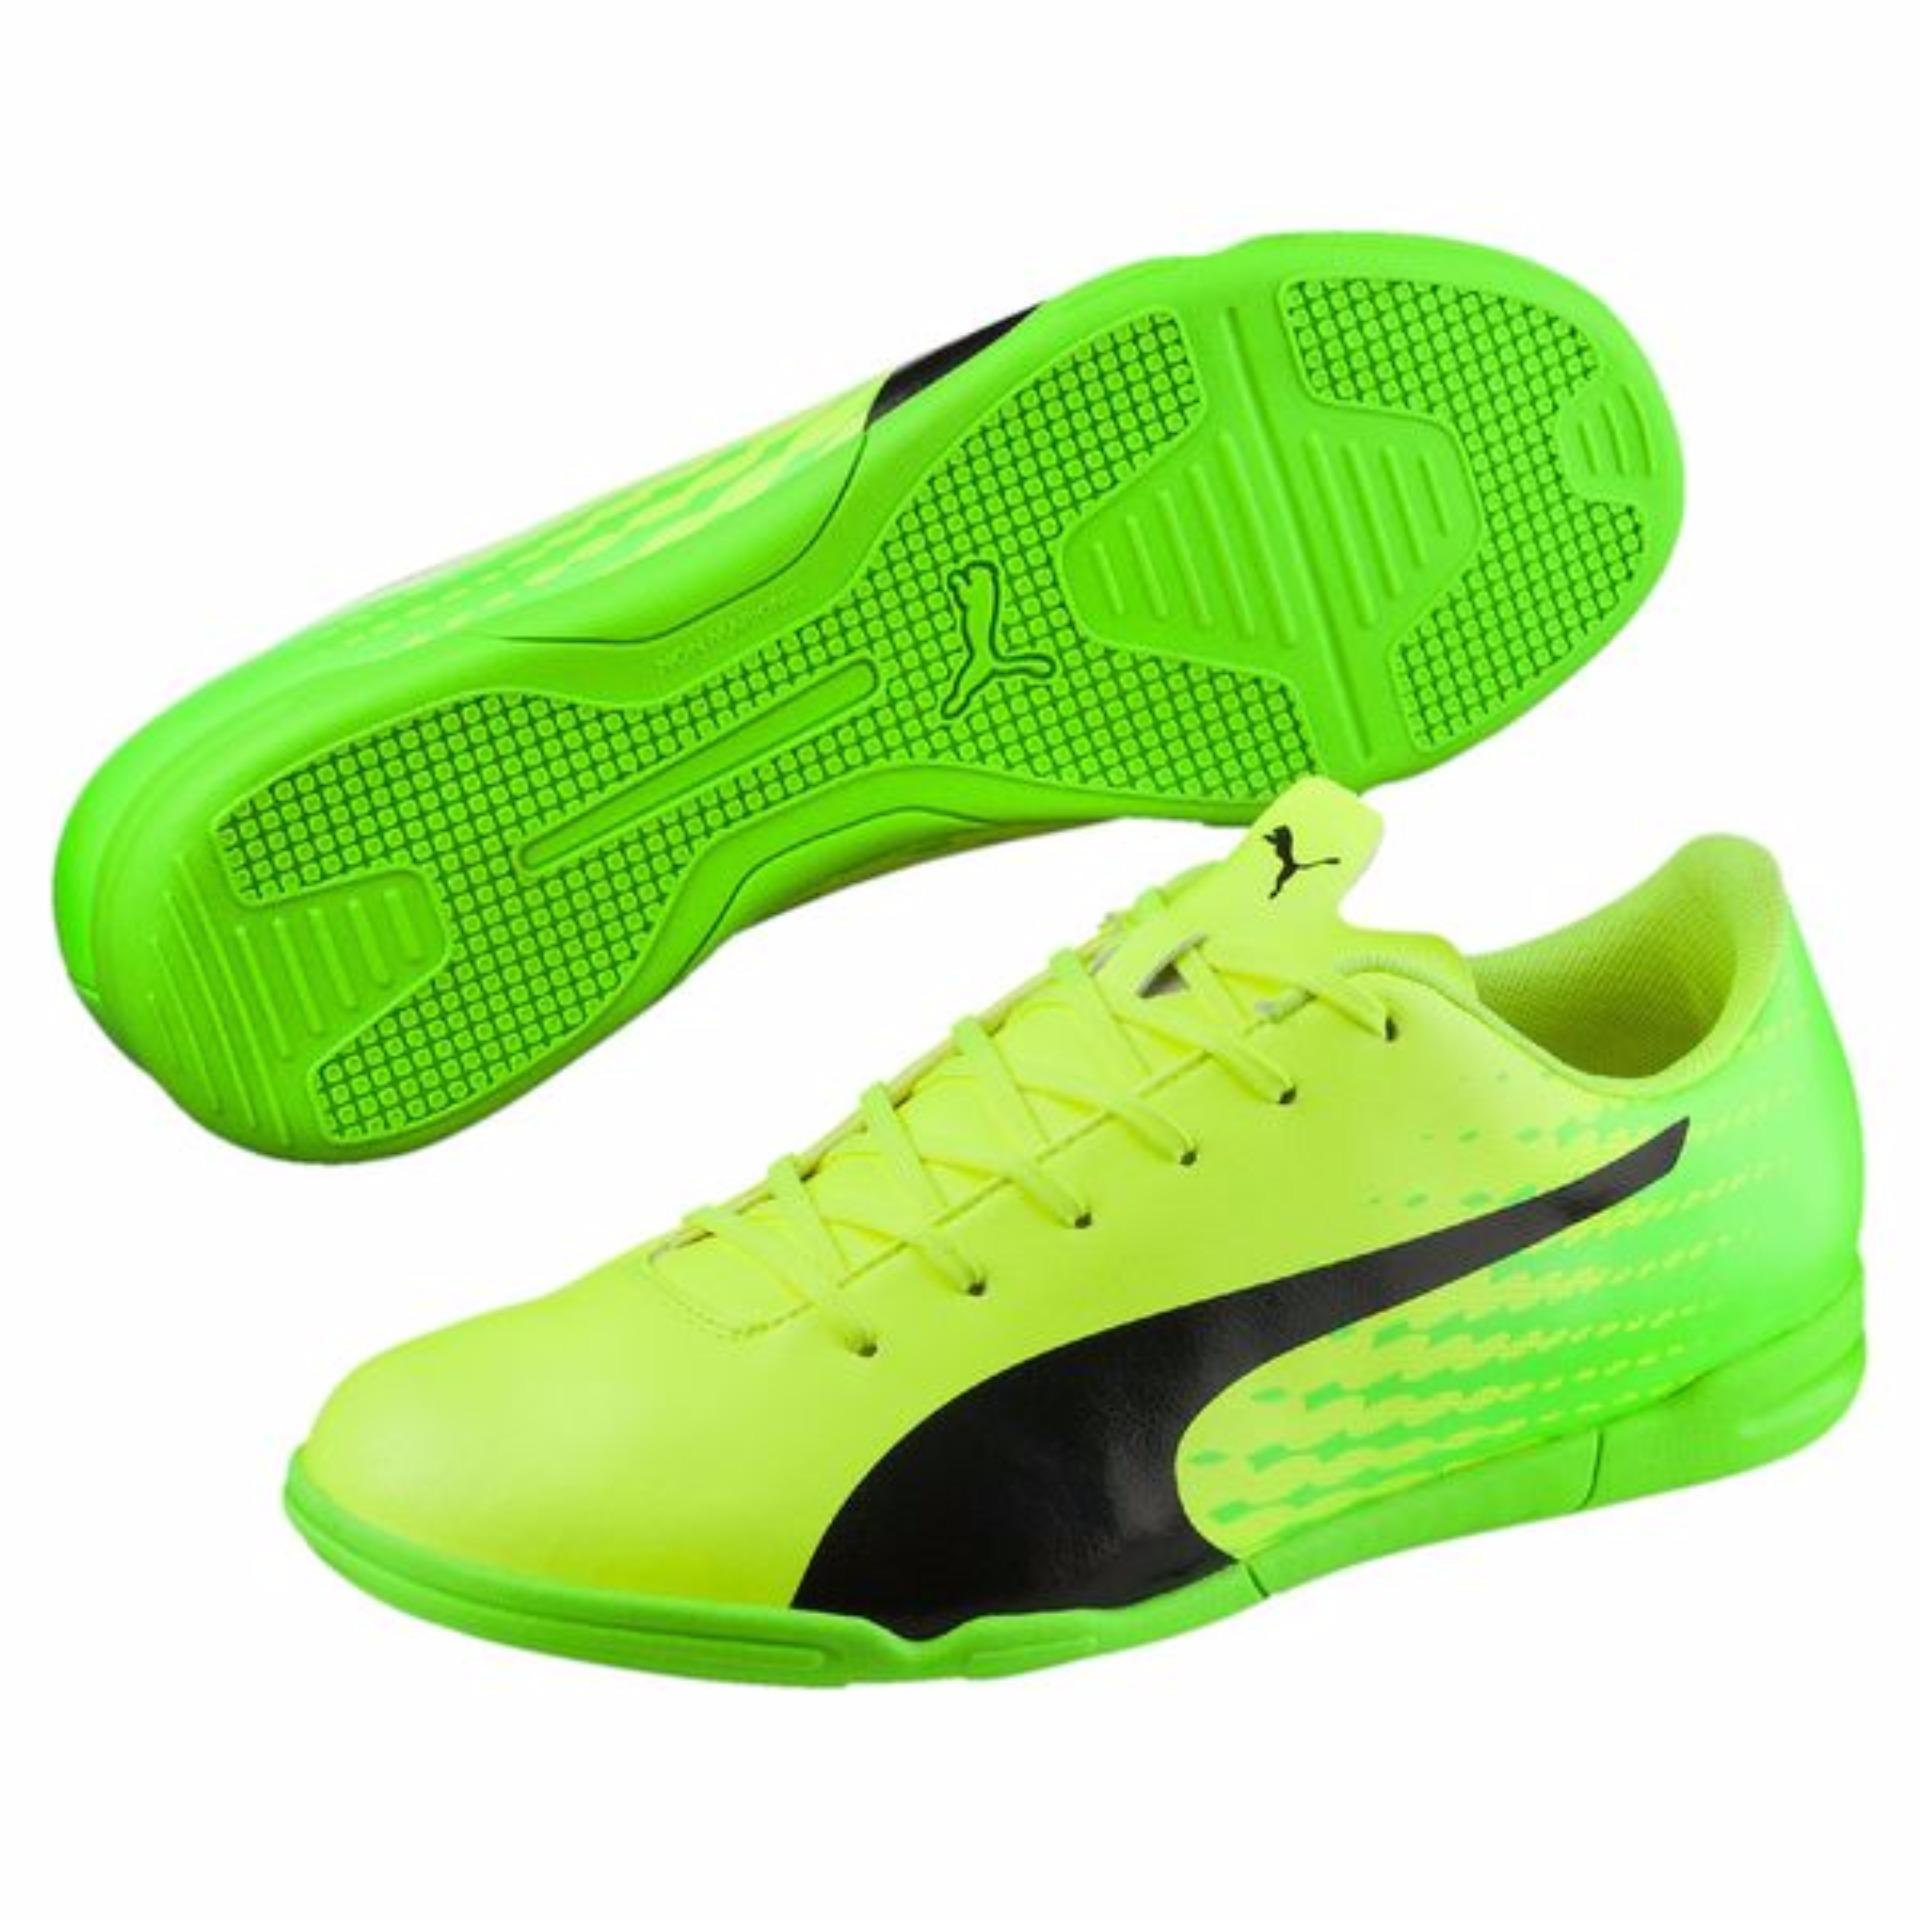 Sepatu Futsal Puma Evospeed 175 It Yellow Green 104027 01 - Daftar ... d3b4a74ea5